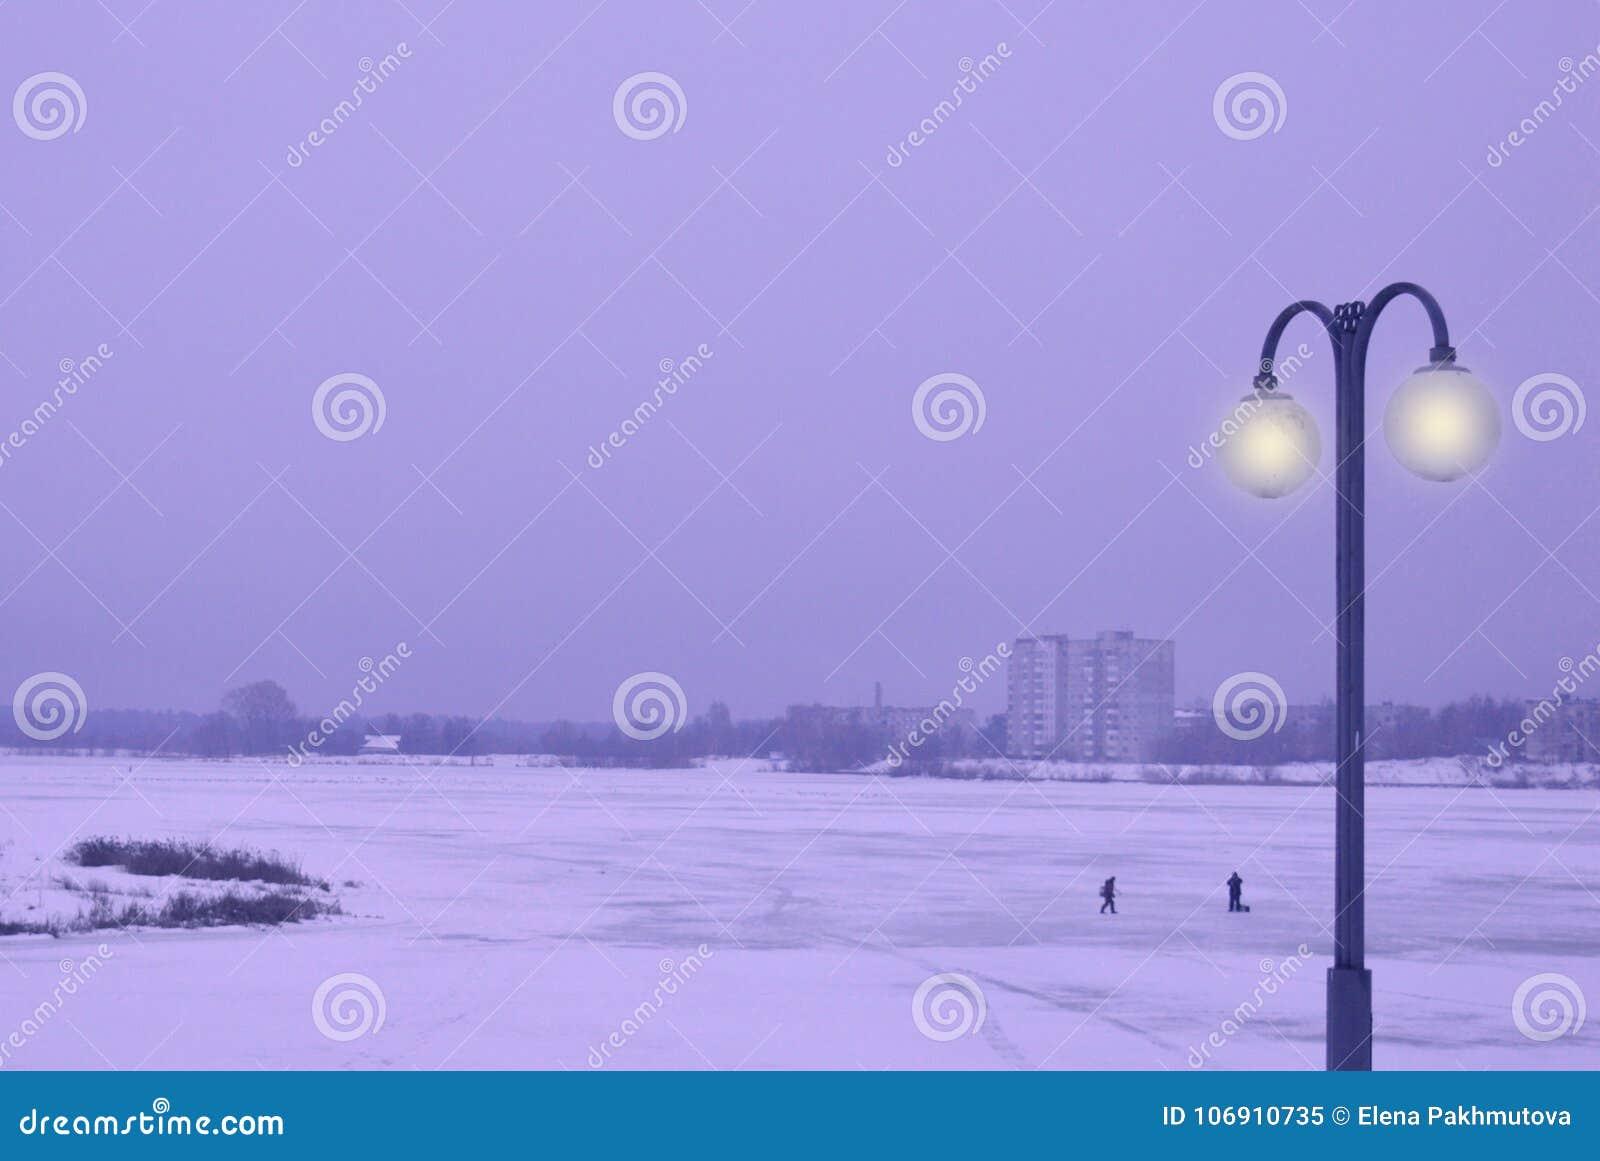 Zima, śnieg, niebo, droga, krajobraz, błękit, natura, zimno, morze, zmierzch, fabryka, woda, władza, outdoors, dym, miasto, przem